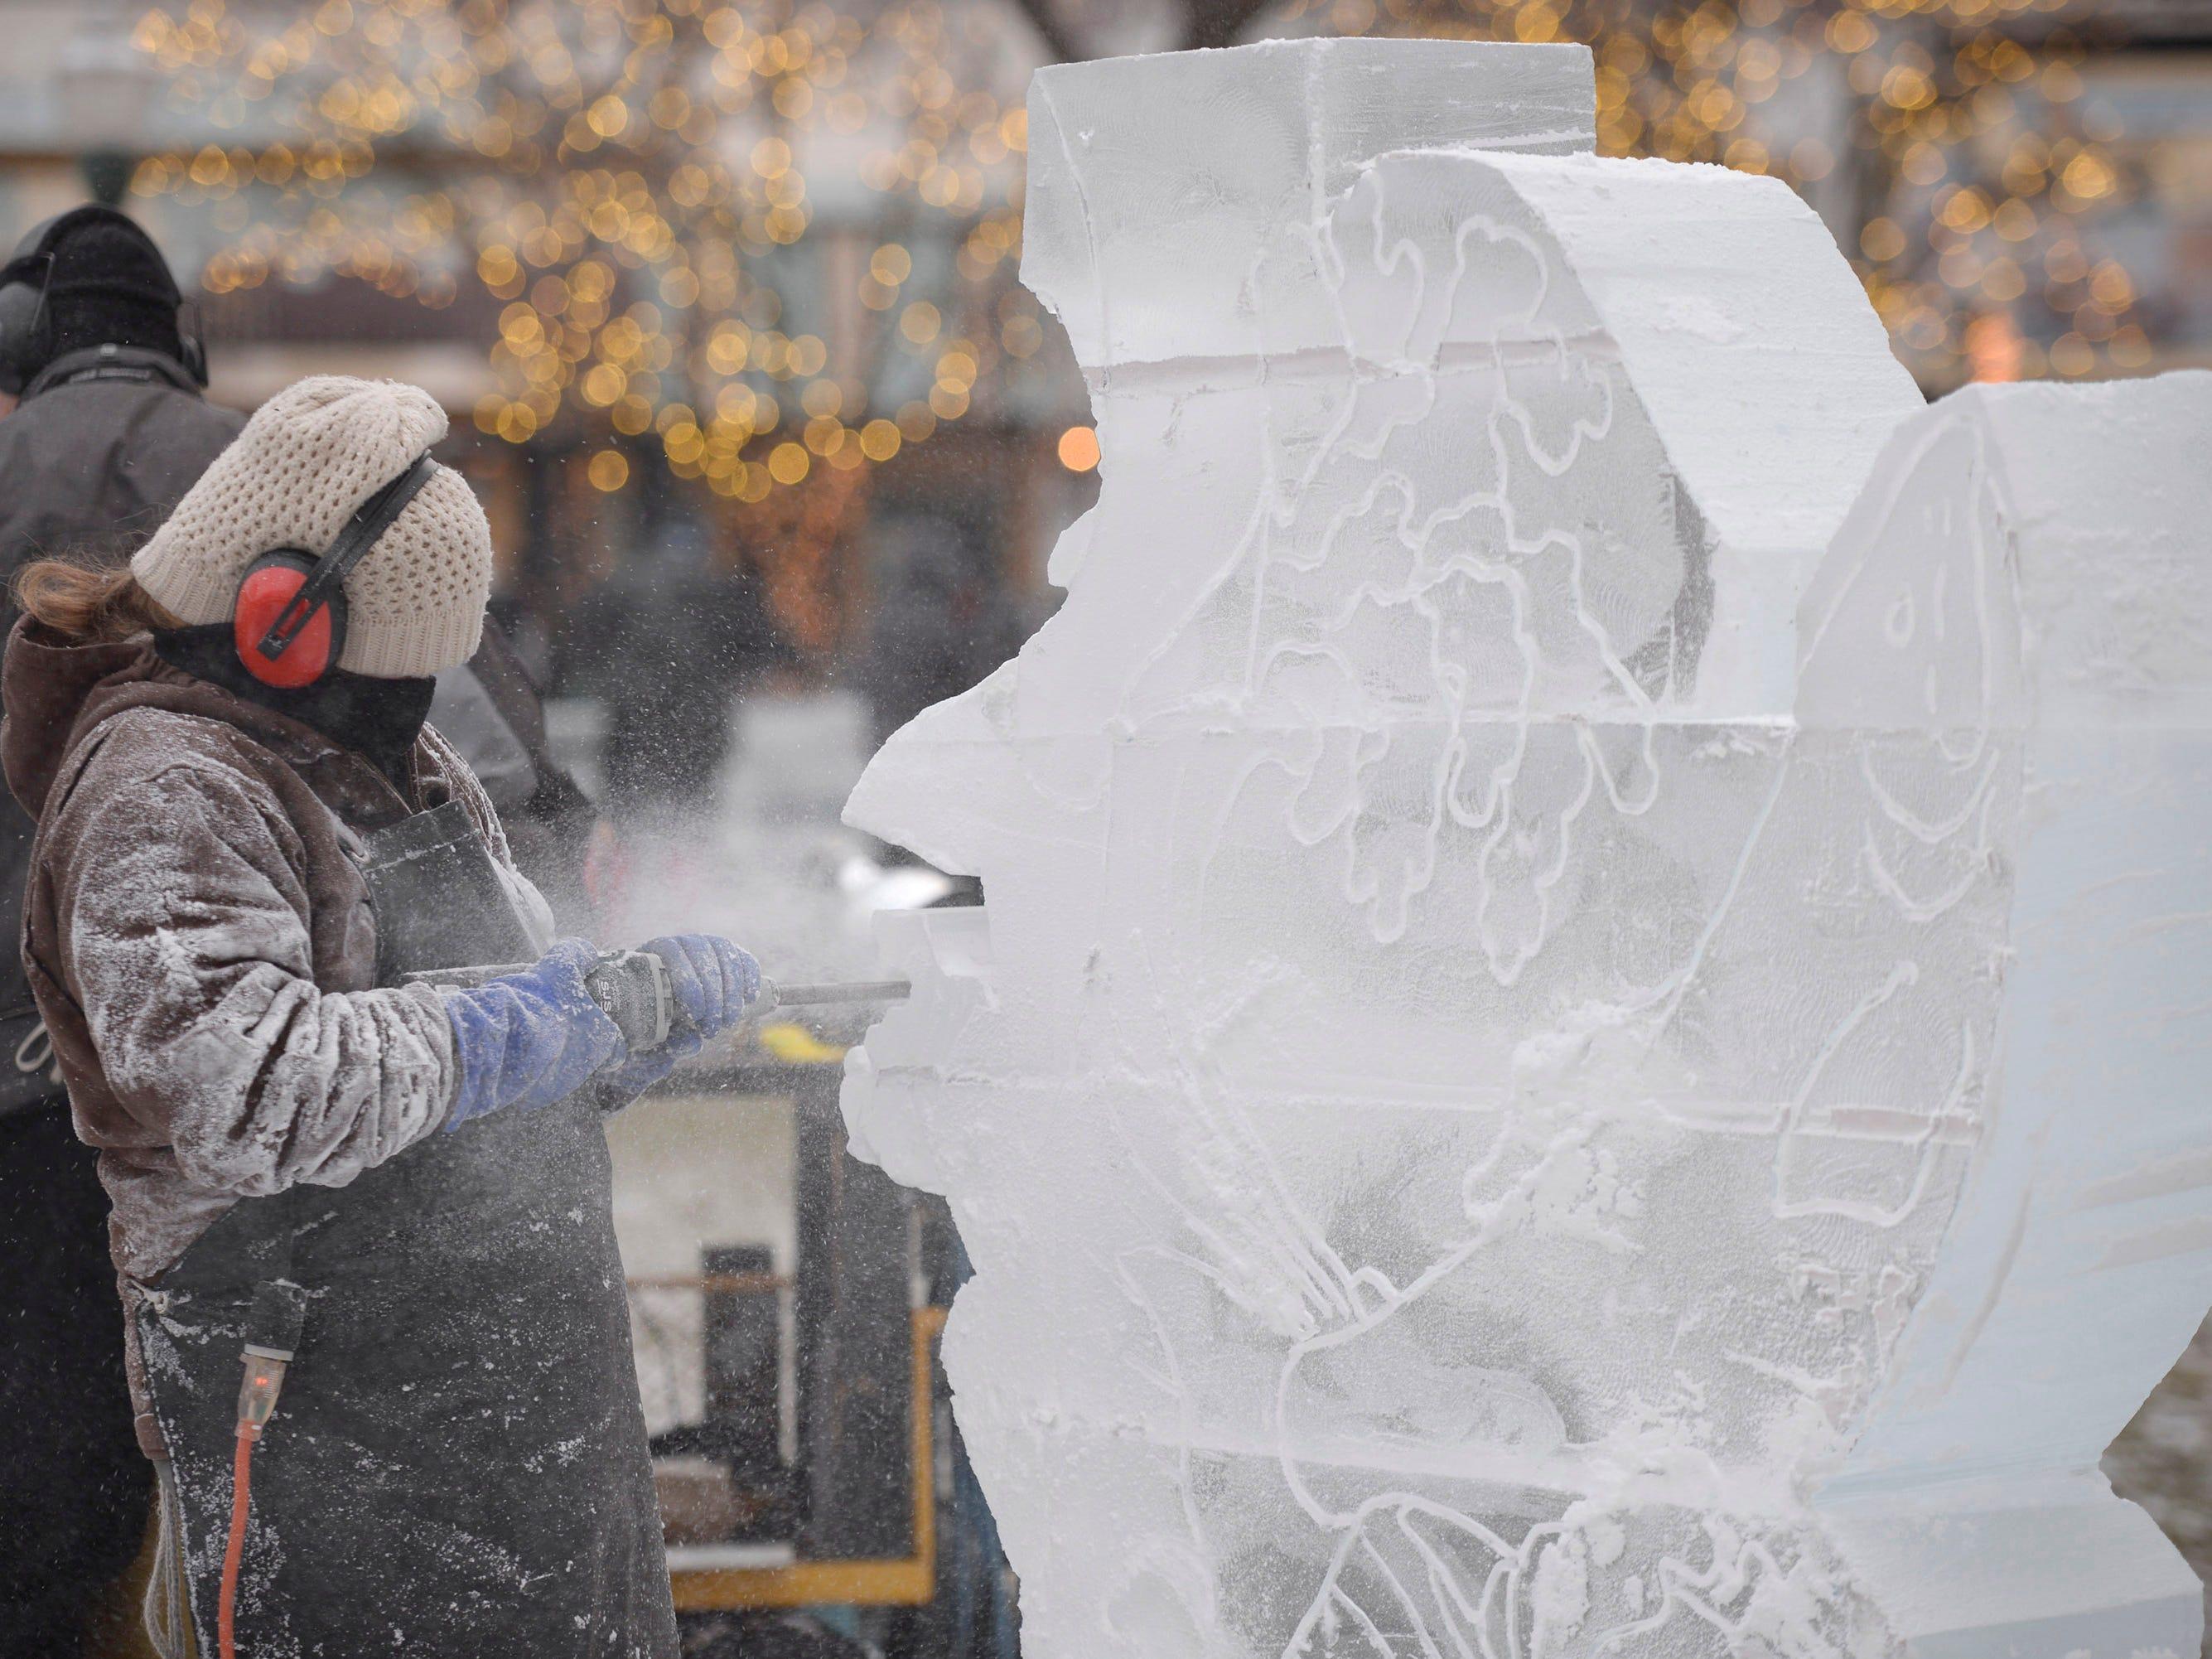 Lauren Klapar carves ice blocks on Jan. 9 preparing for the Plymouth Ice Festival that runs Jan. 11-13.